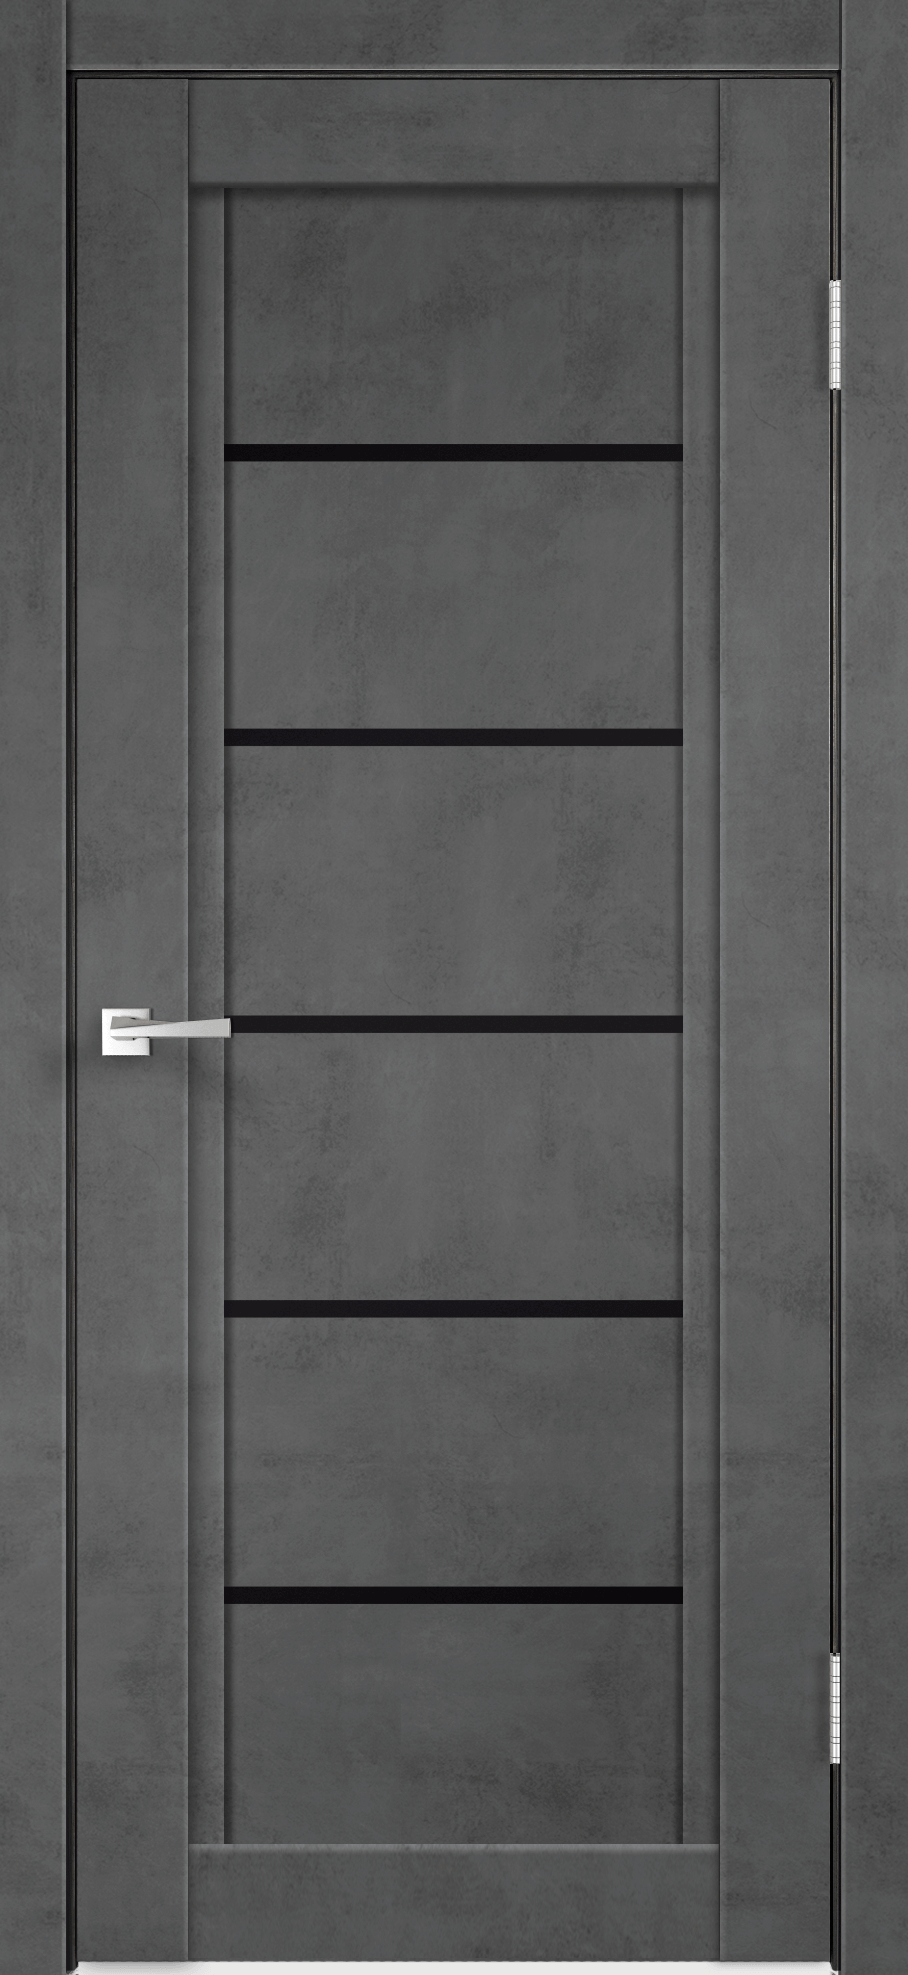 Двери межкомнатные бетон что прочнее газобетон или керамзитобетон